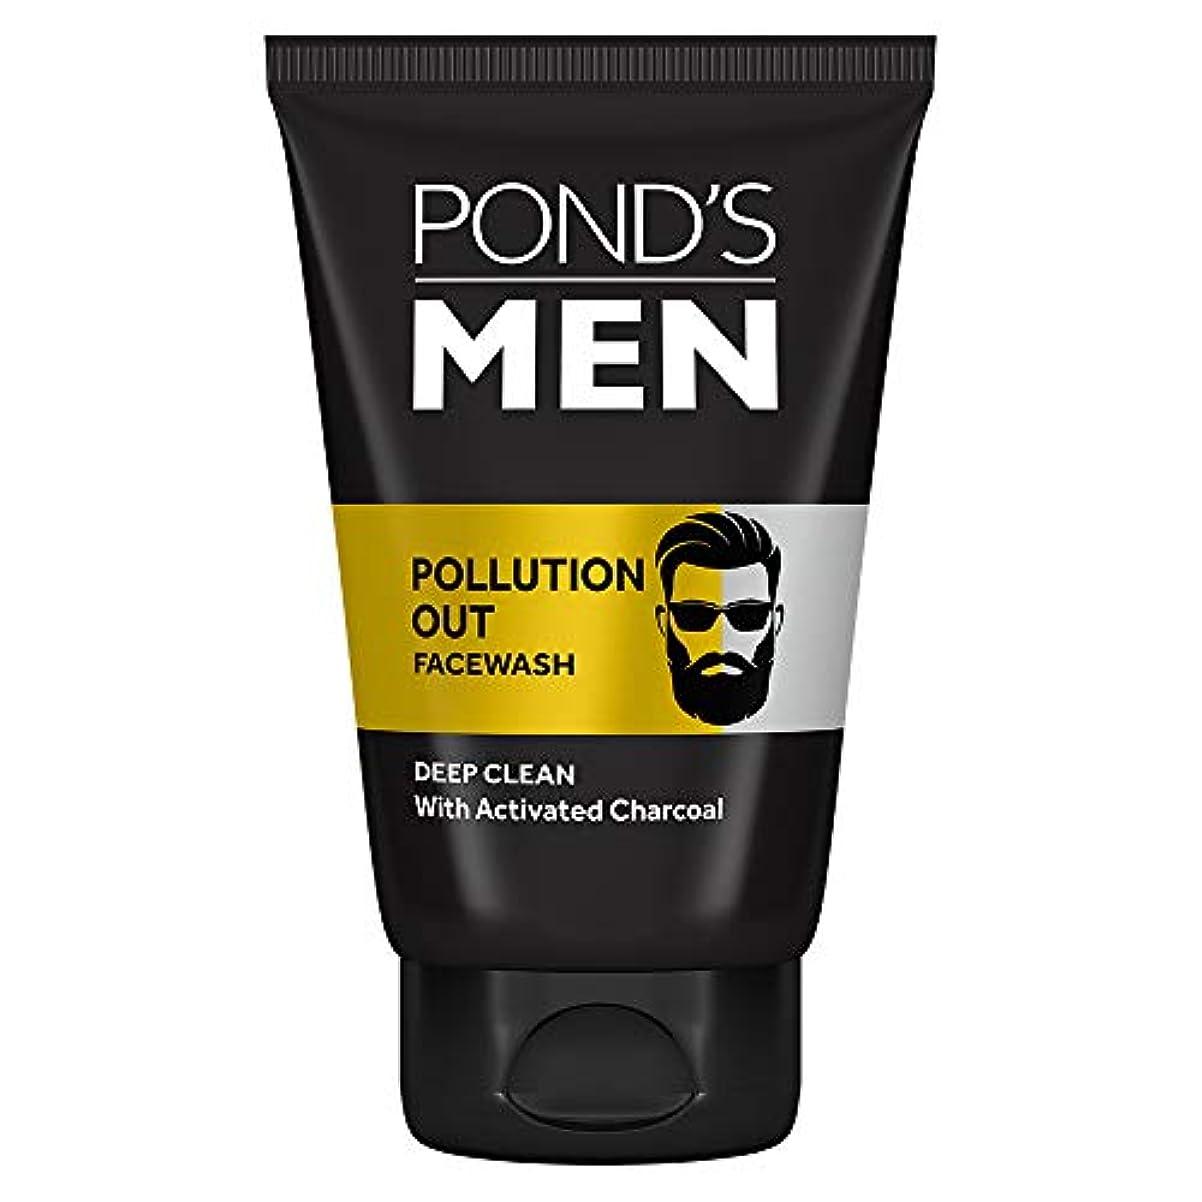 スラダムスタッフアシュリータファーマンPond's Men Pollution Out Face Wash, Feel Fresh 100gm